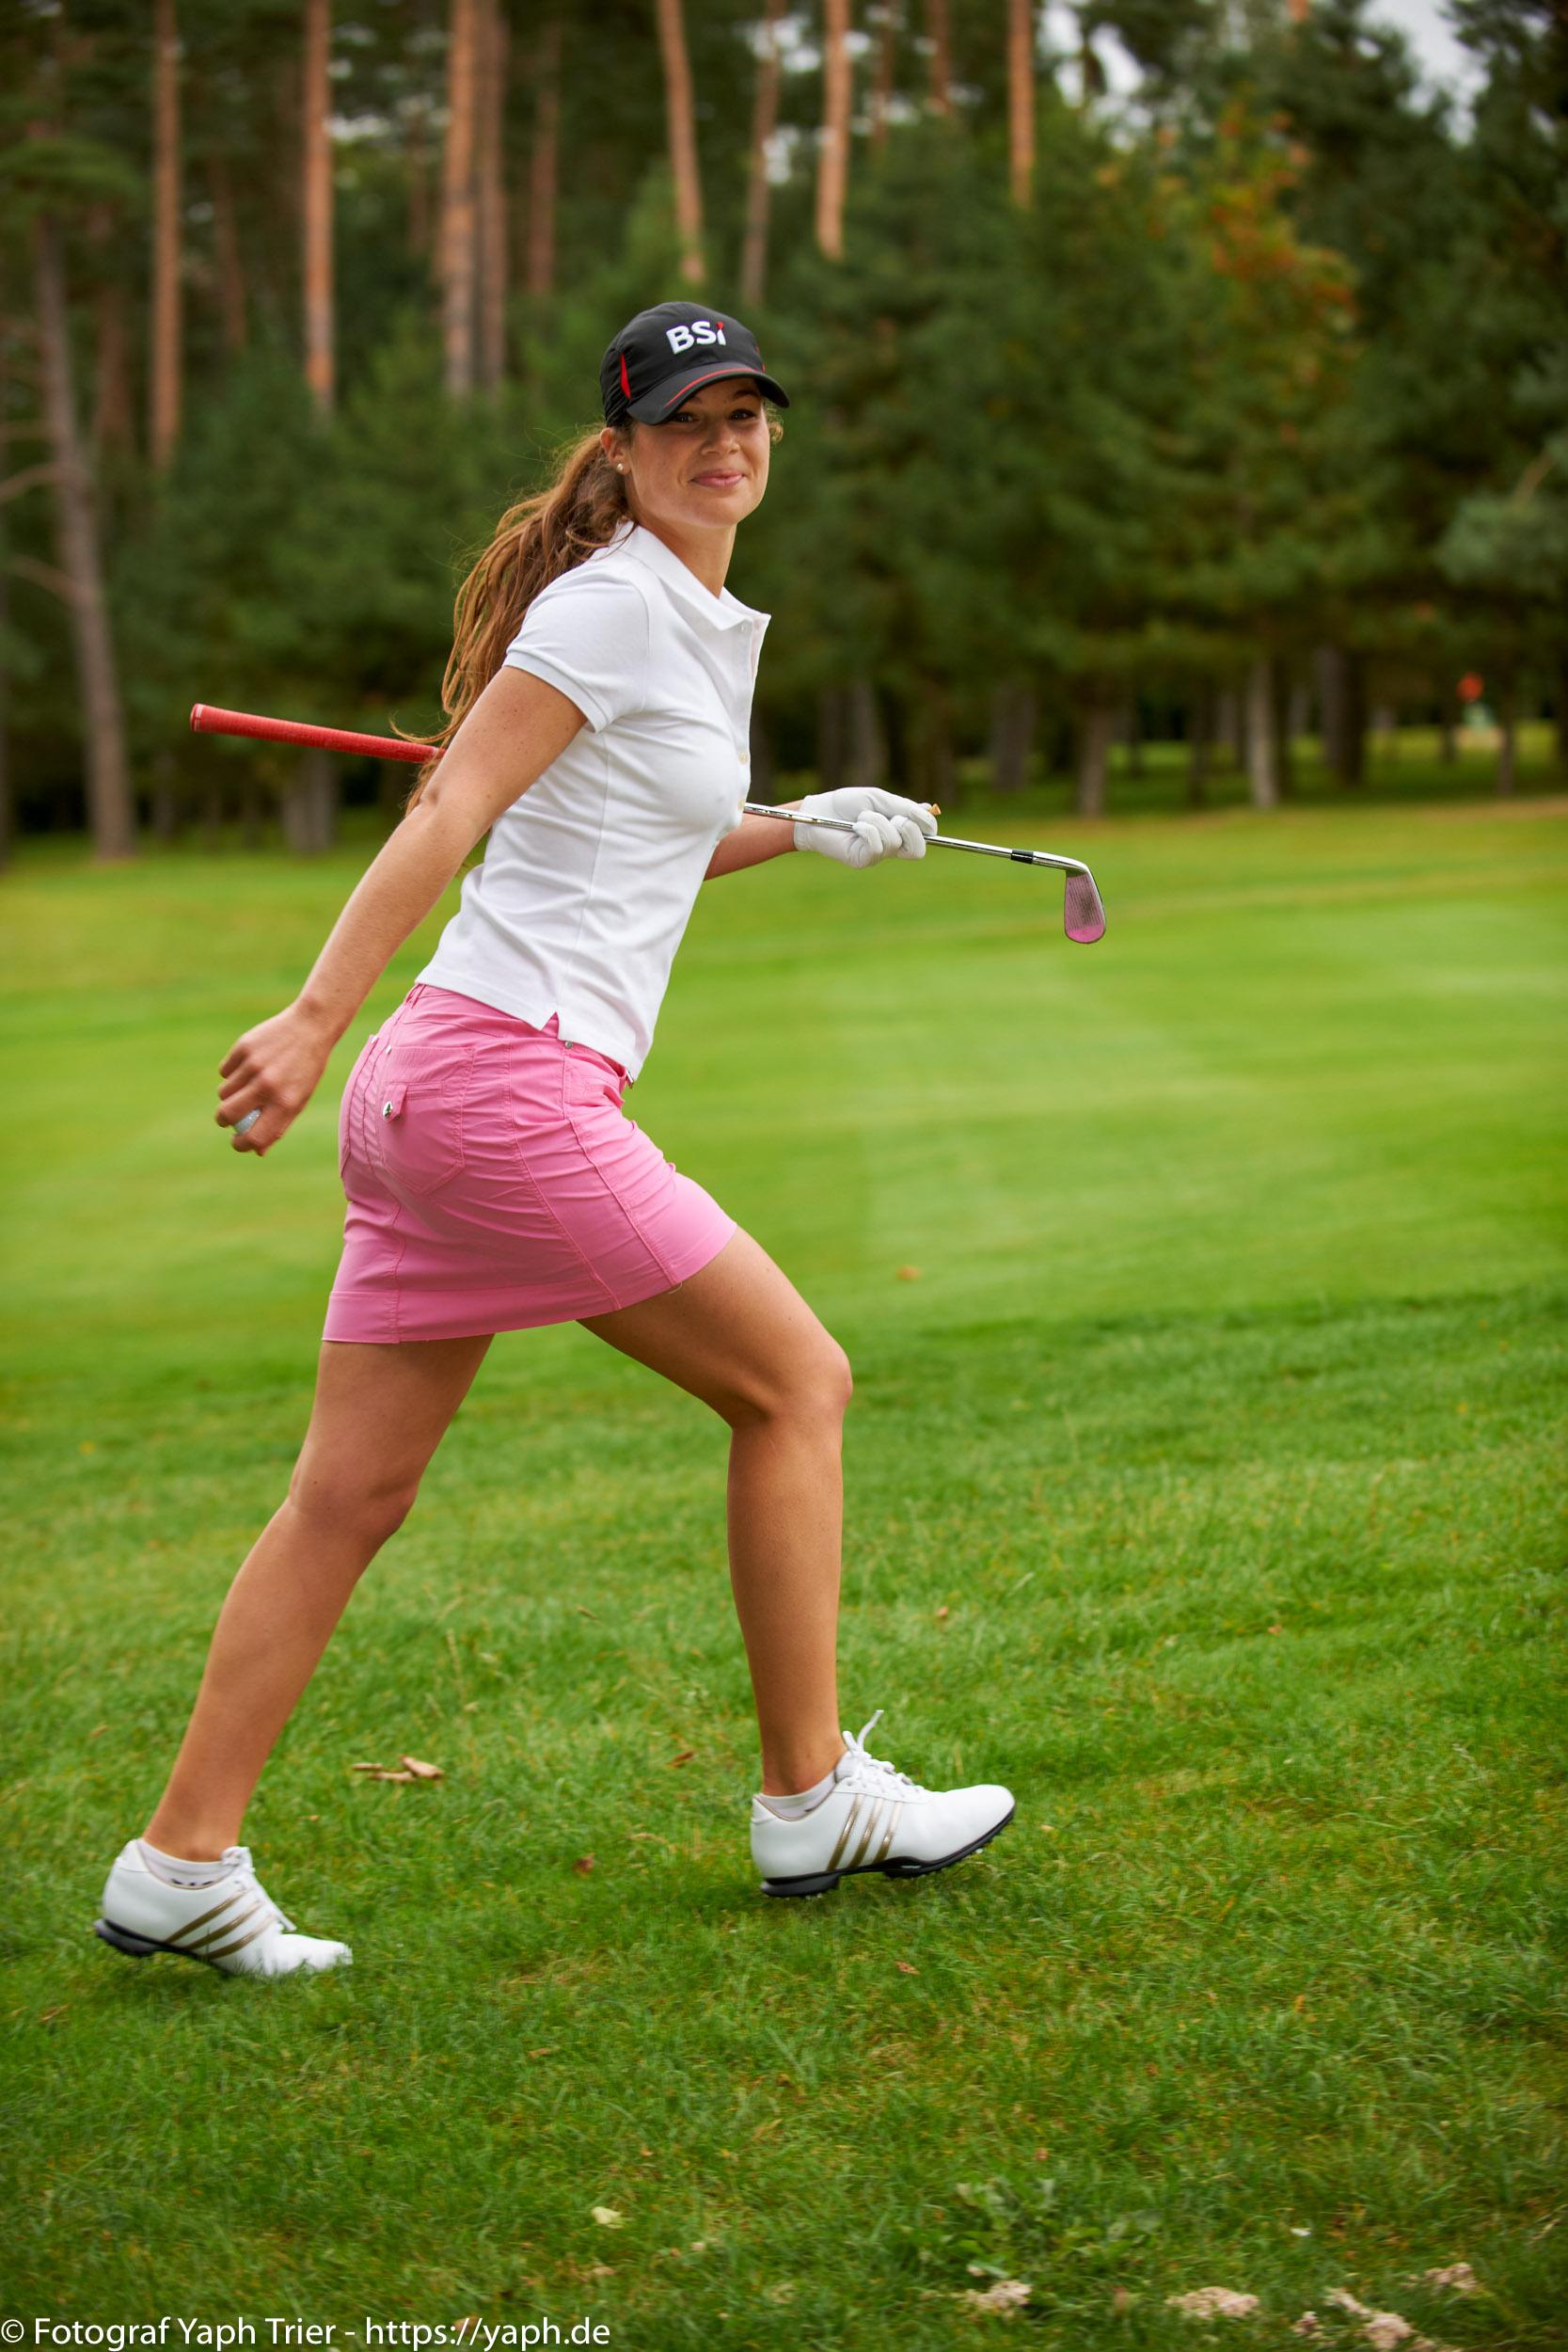 Liebelei Elena Lawrence - luxemburger Golfspielerin bei Fotograf Yaph - 23